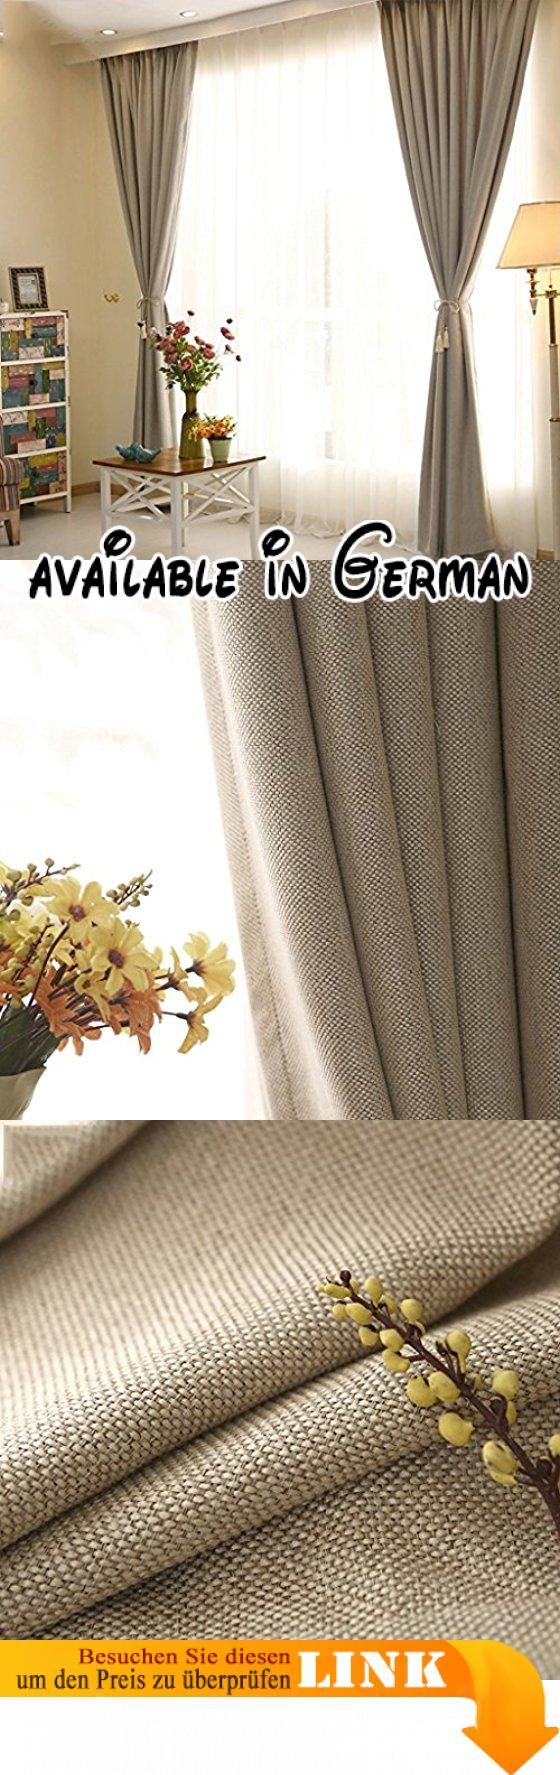 Met Love Einfarbig voller Schatten Bodenvorhänge Schlafzimmer Vorhänge Stromausfall vorgefertigte Öse Blackout Vorhänge für Wohnzimmer mit zwei passenden Rückenlehnen 2 Platten ( größe : 3.0*2.7m ). Ein mit Summen gefüllter Raum ist ein willkommener Anblick, aber nicht, wenn Sie versuchen zu schlafen.Ideal für Tagesschläfer, Verdunklungsvorhänge machen den Tag zur Nacht.Ermöglichen Sie / Ihrem Kind eine gute Nachtruhe zu genießen, besonders während des hellen